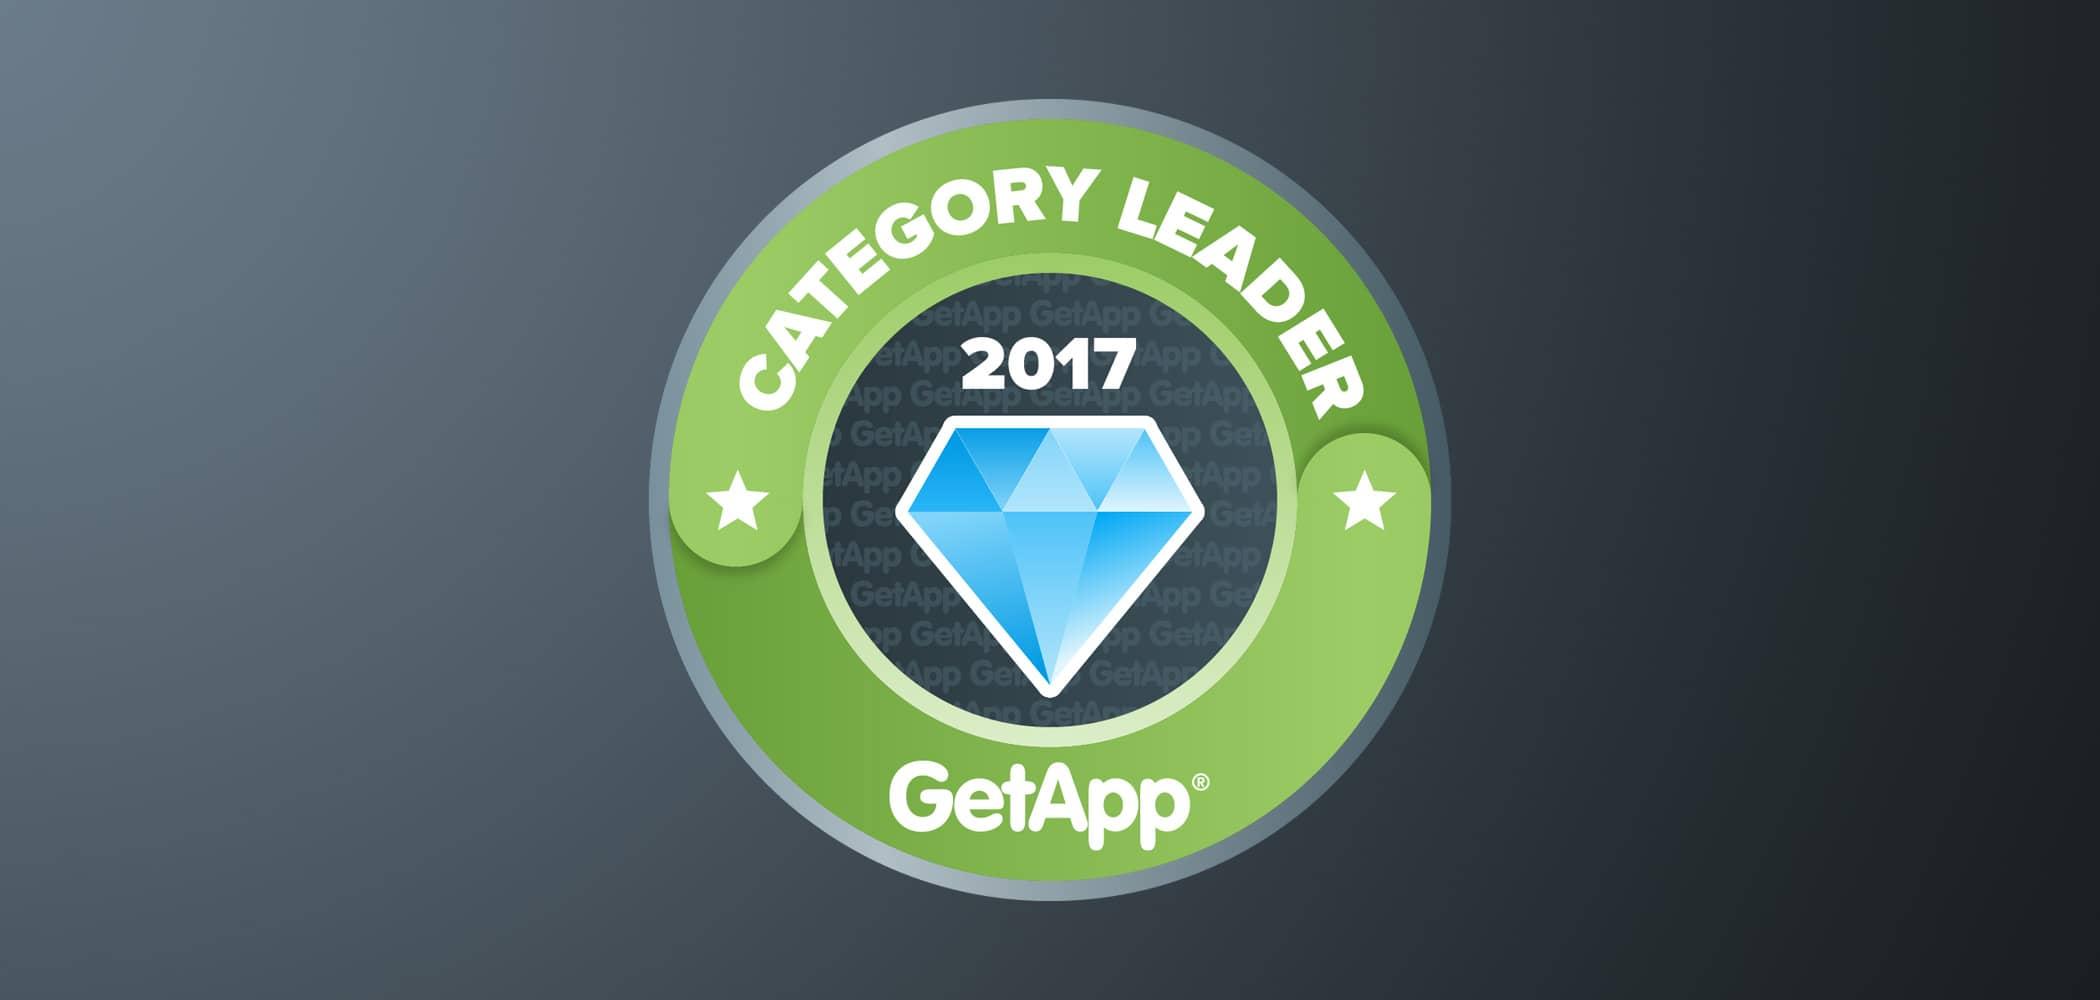 Representative image of Get App badge